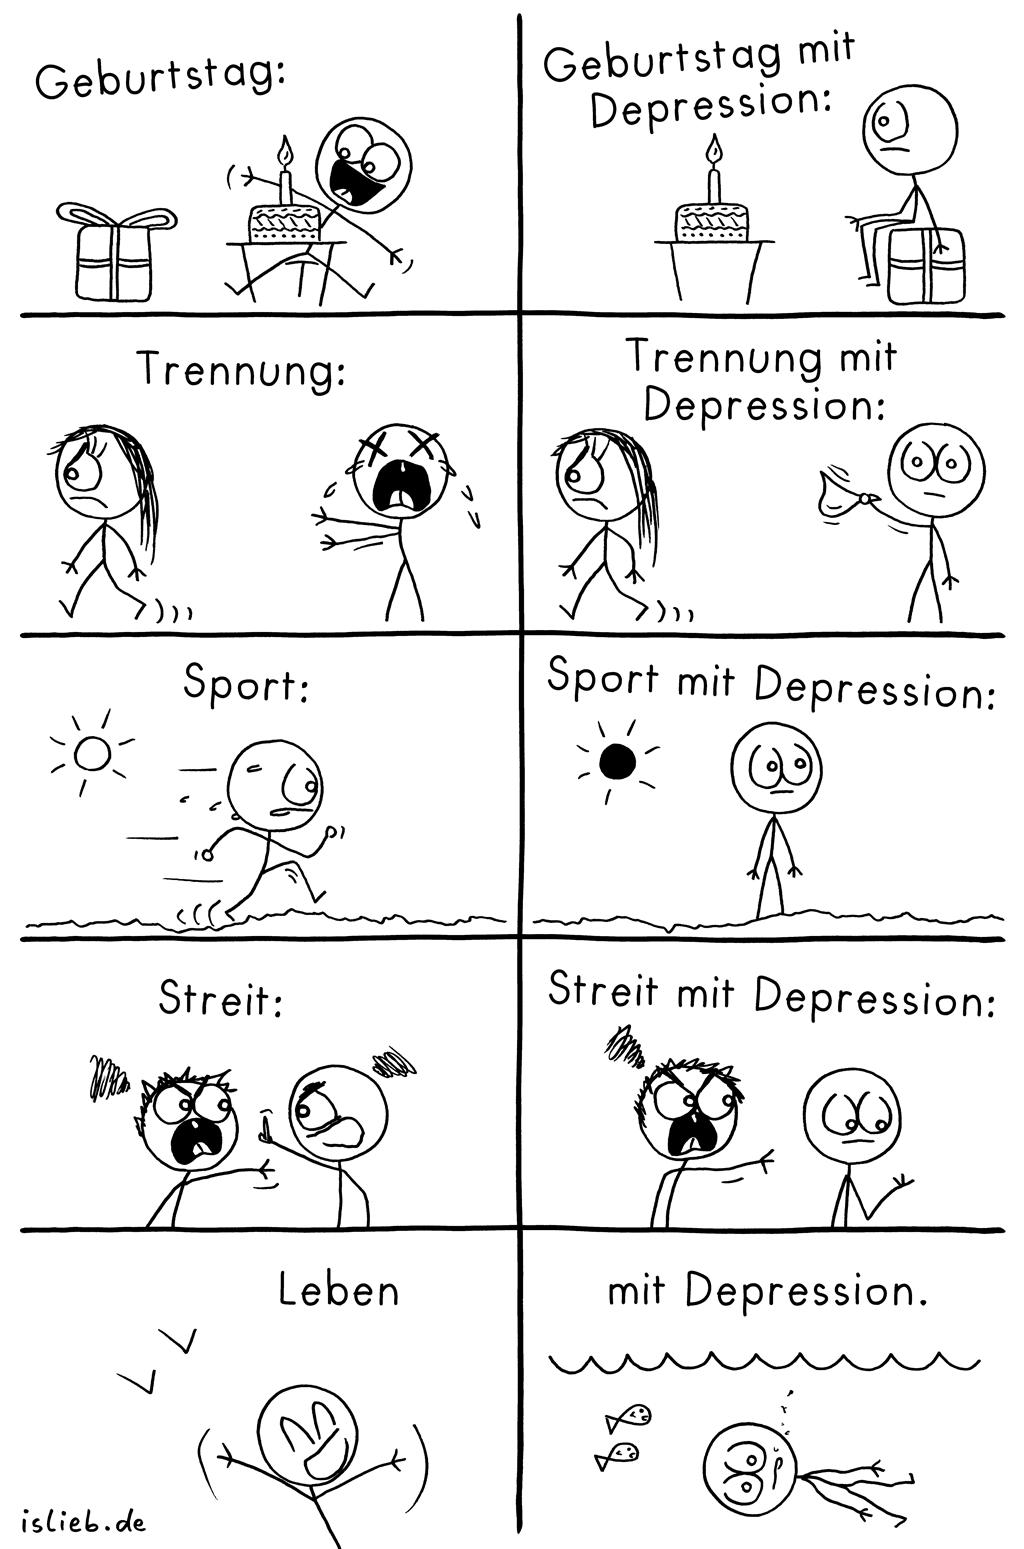 Leben mit Depression | Strichmännchen-Comic | is lieb? | Geburtstag mit Depression. Trennung mit Depression. Sport mit Depression. Streit mit Depression. Leben mit Depression. | Depressiv, deprimiert